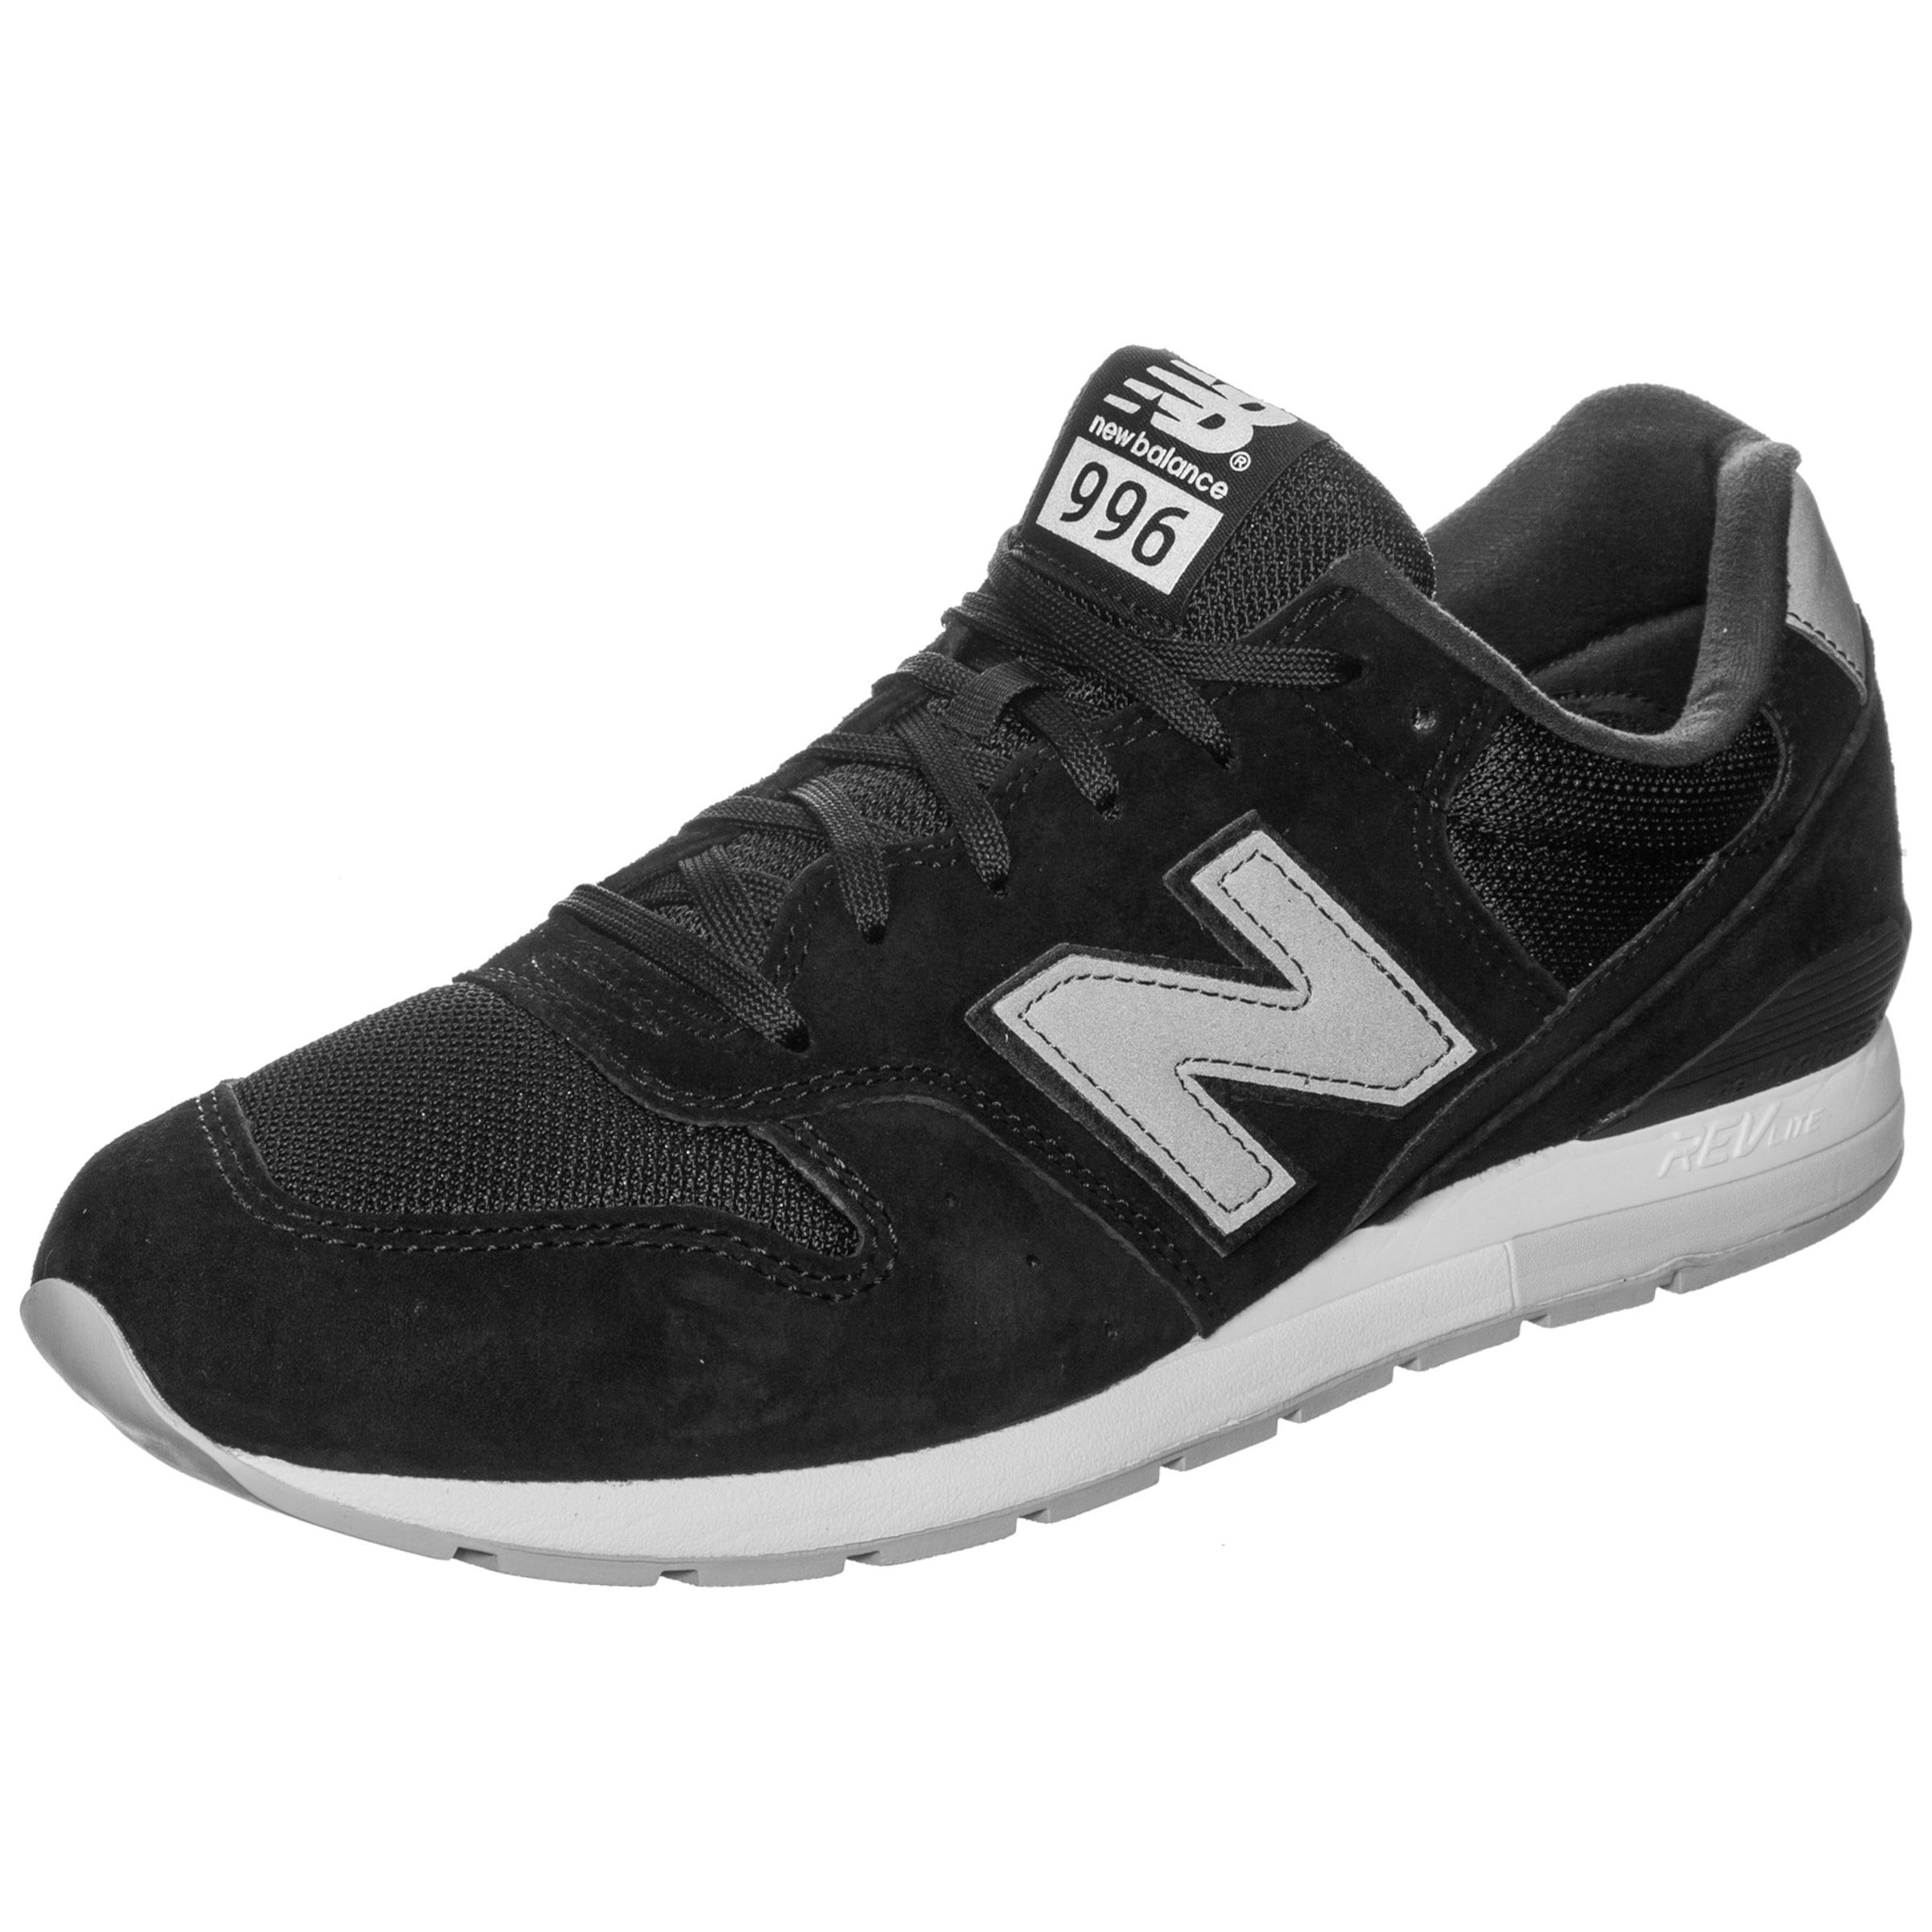 new balance |  MRL996-JN-D  Sneaker